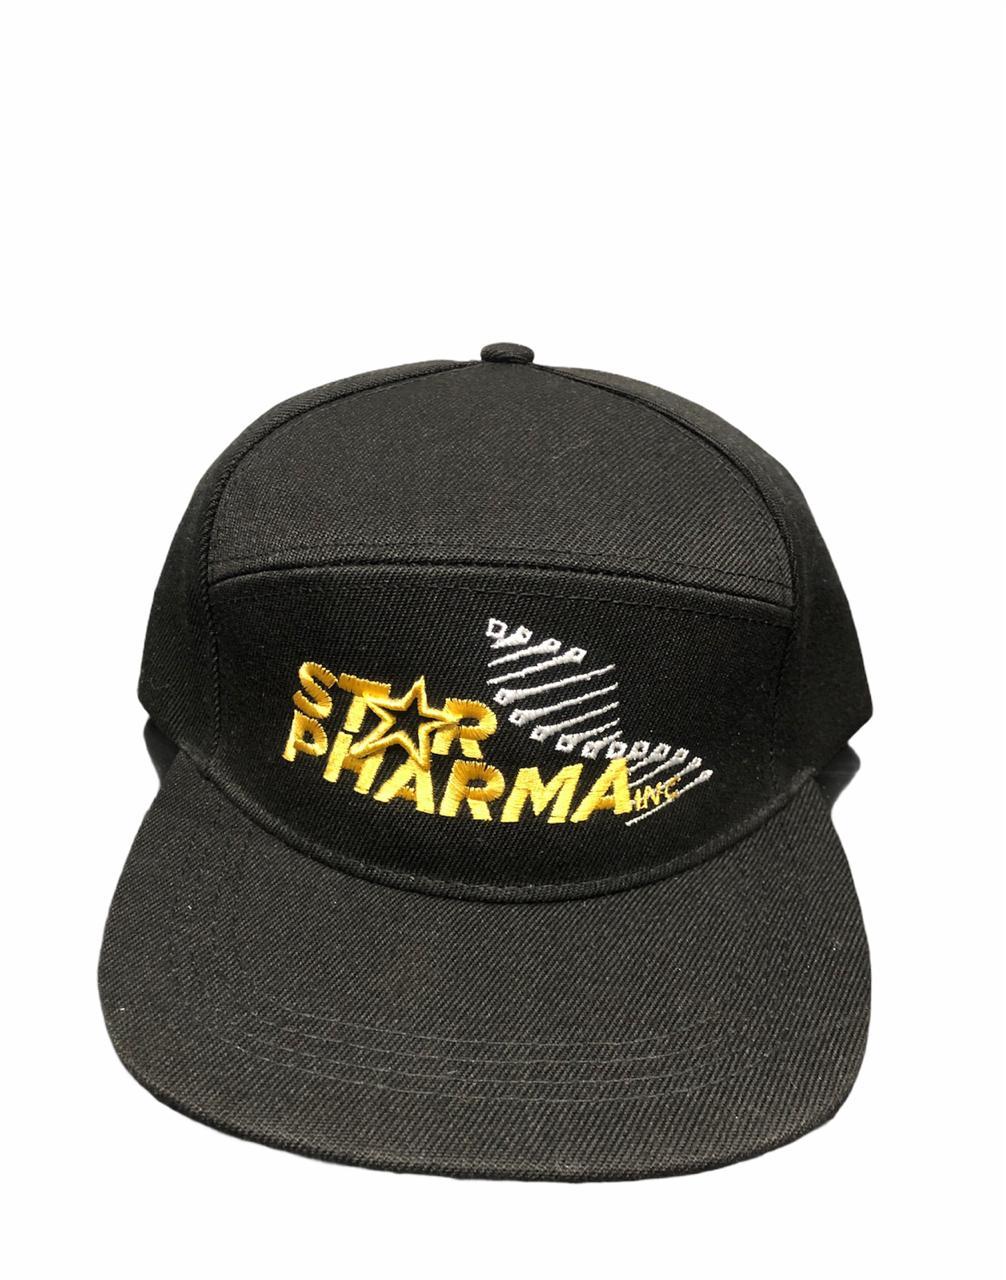 STAR-PHARMA BLACK CAP